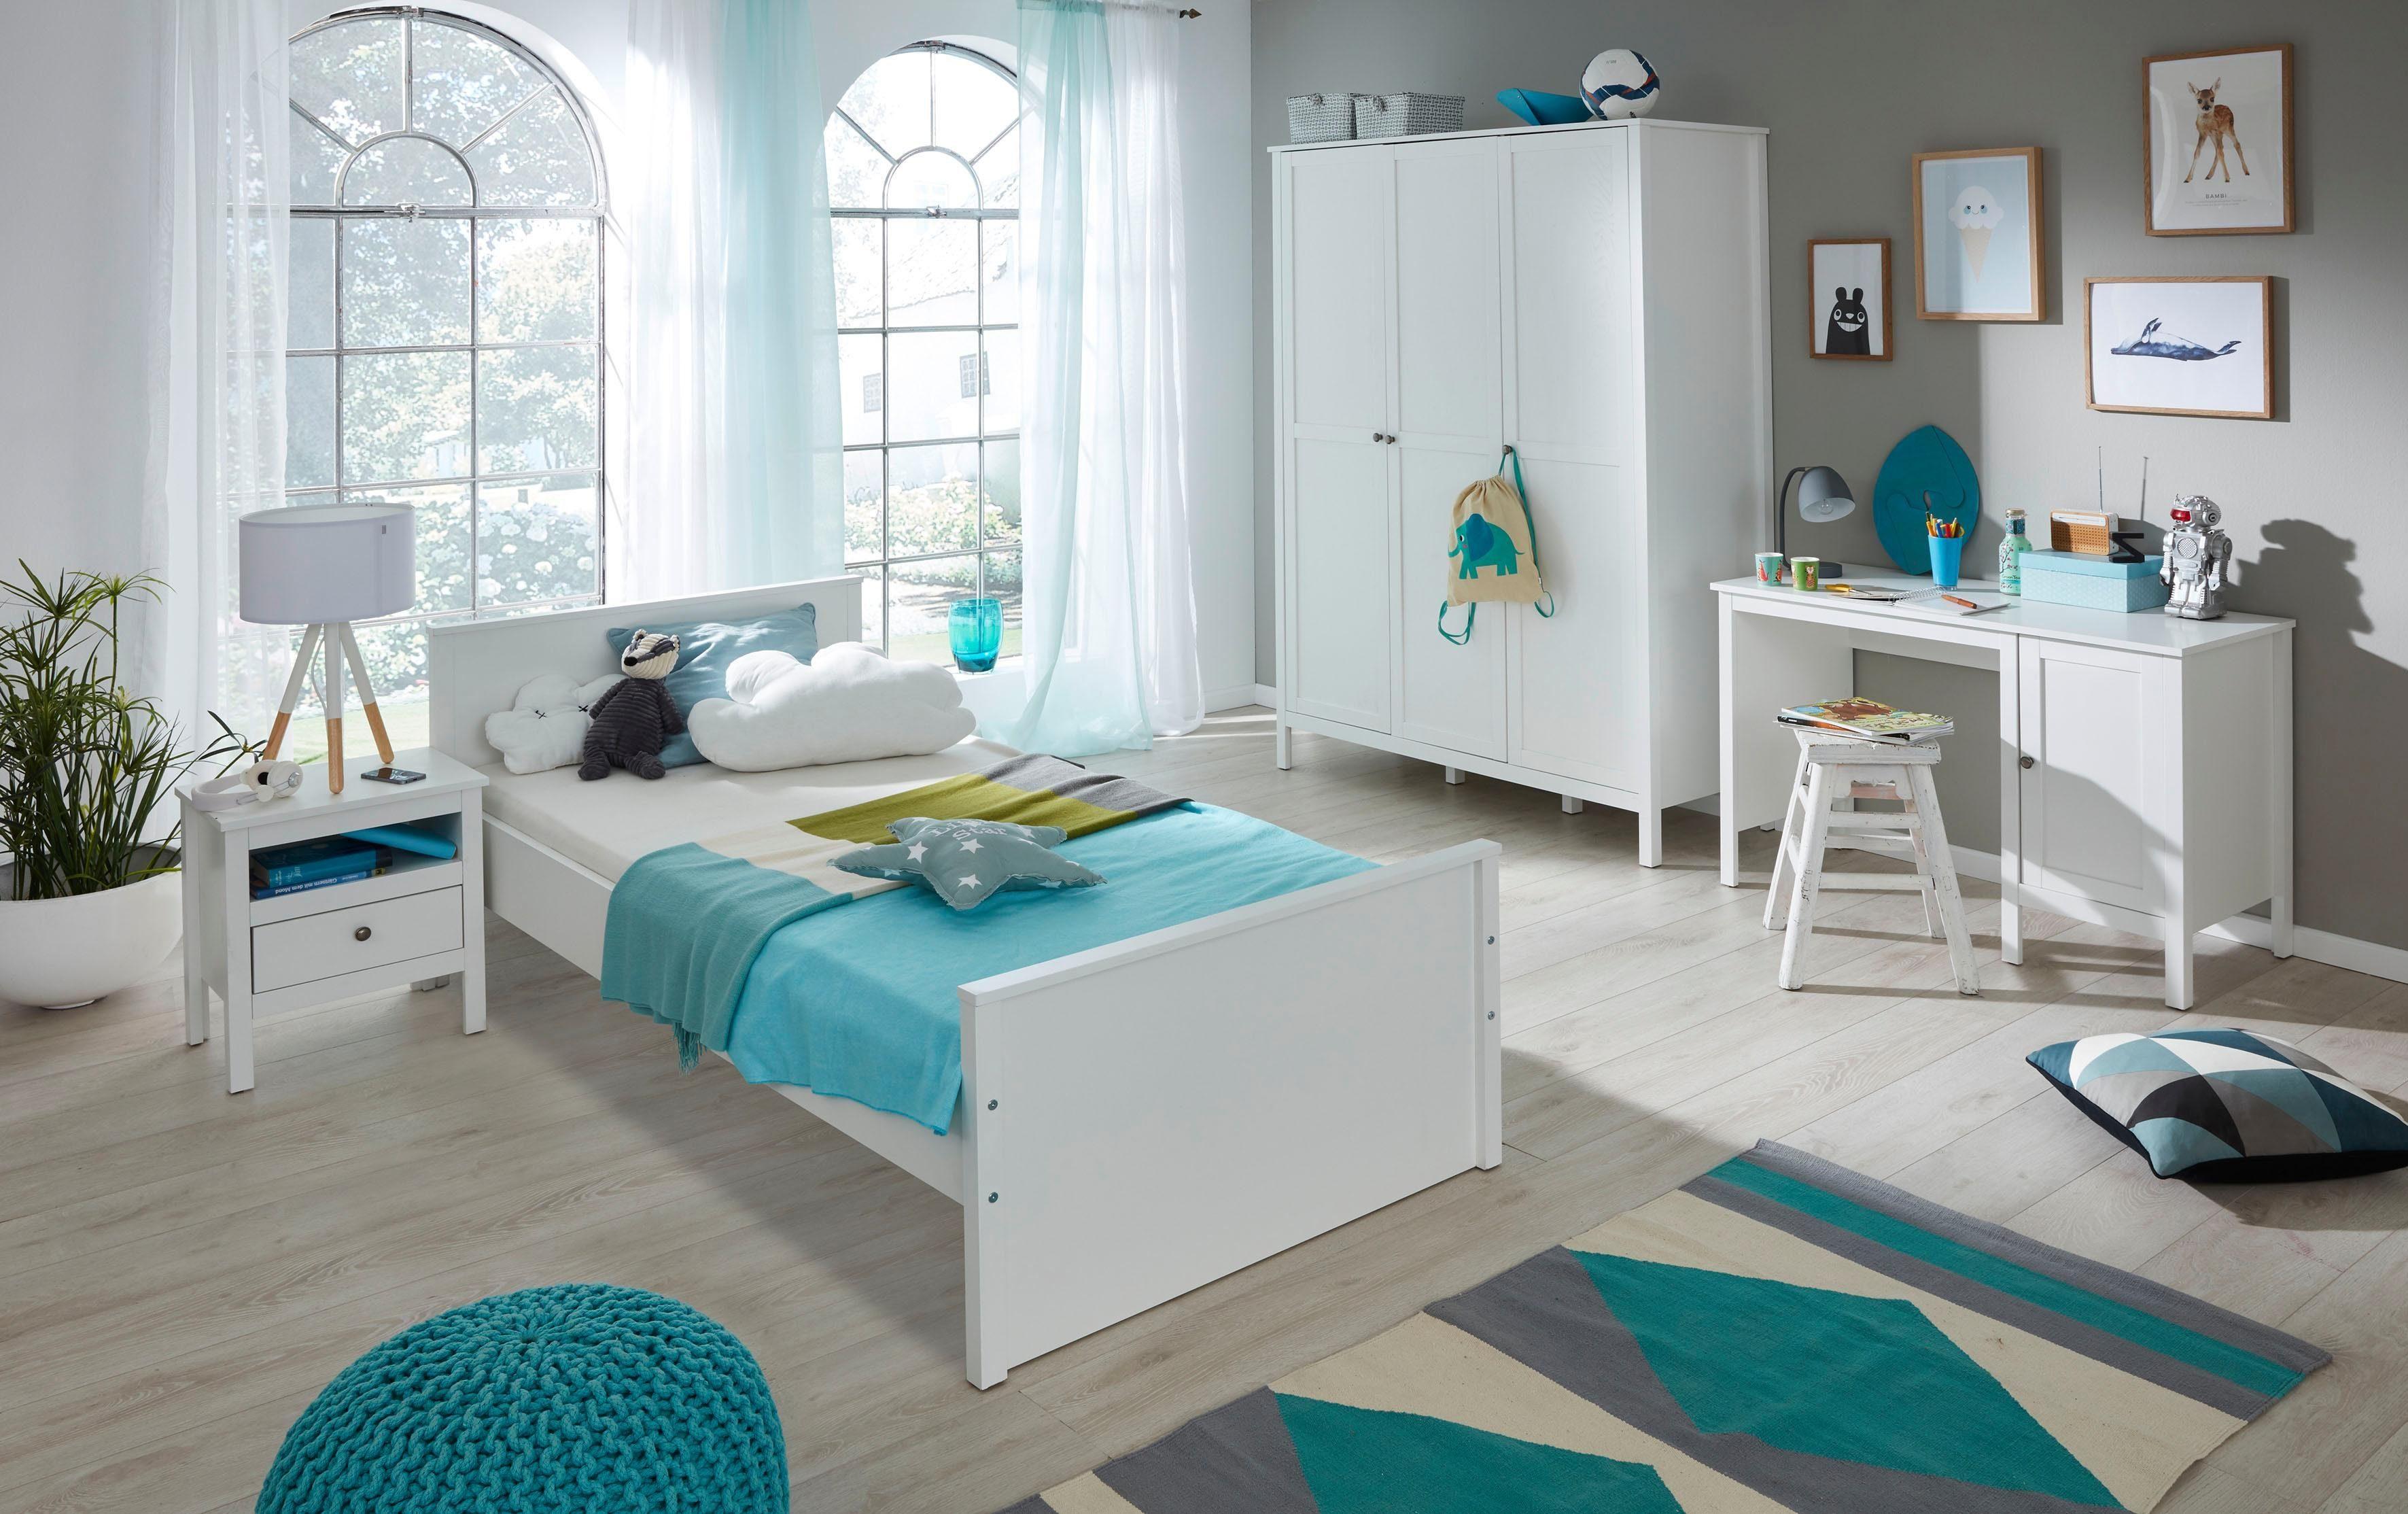 Mini Kühlschrank Für Jugendzimmer : Jugendzimmer ahorn weiß preisvergleich u die besten angebote